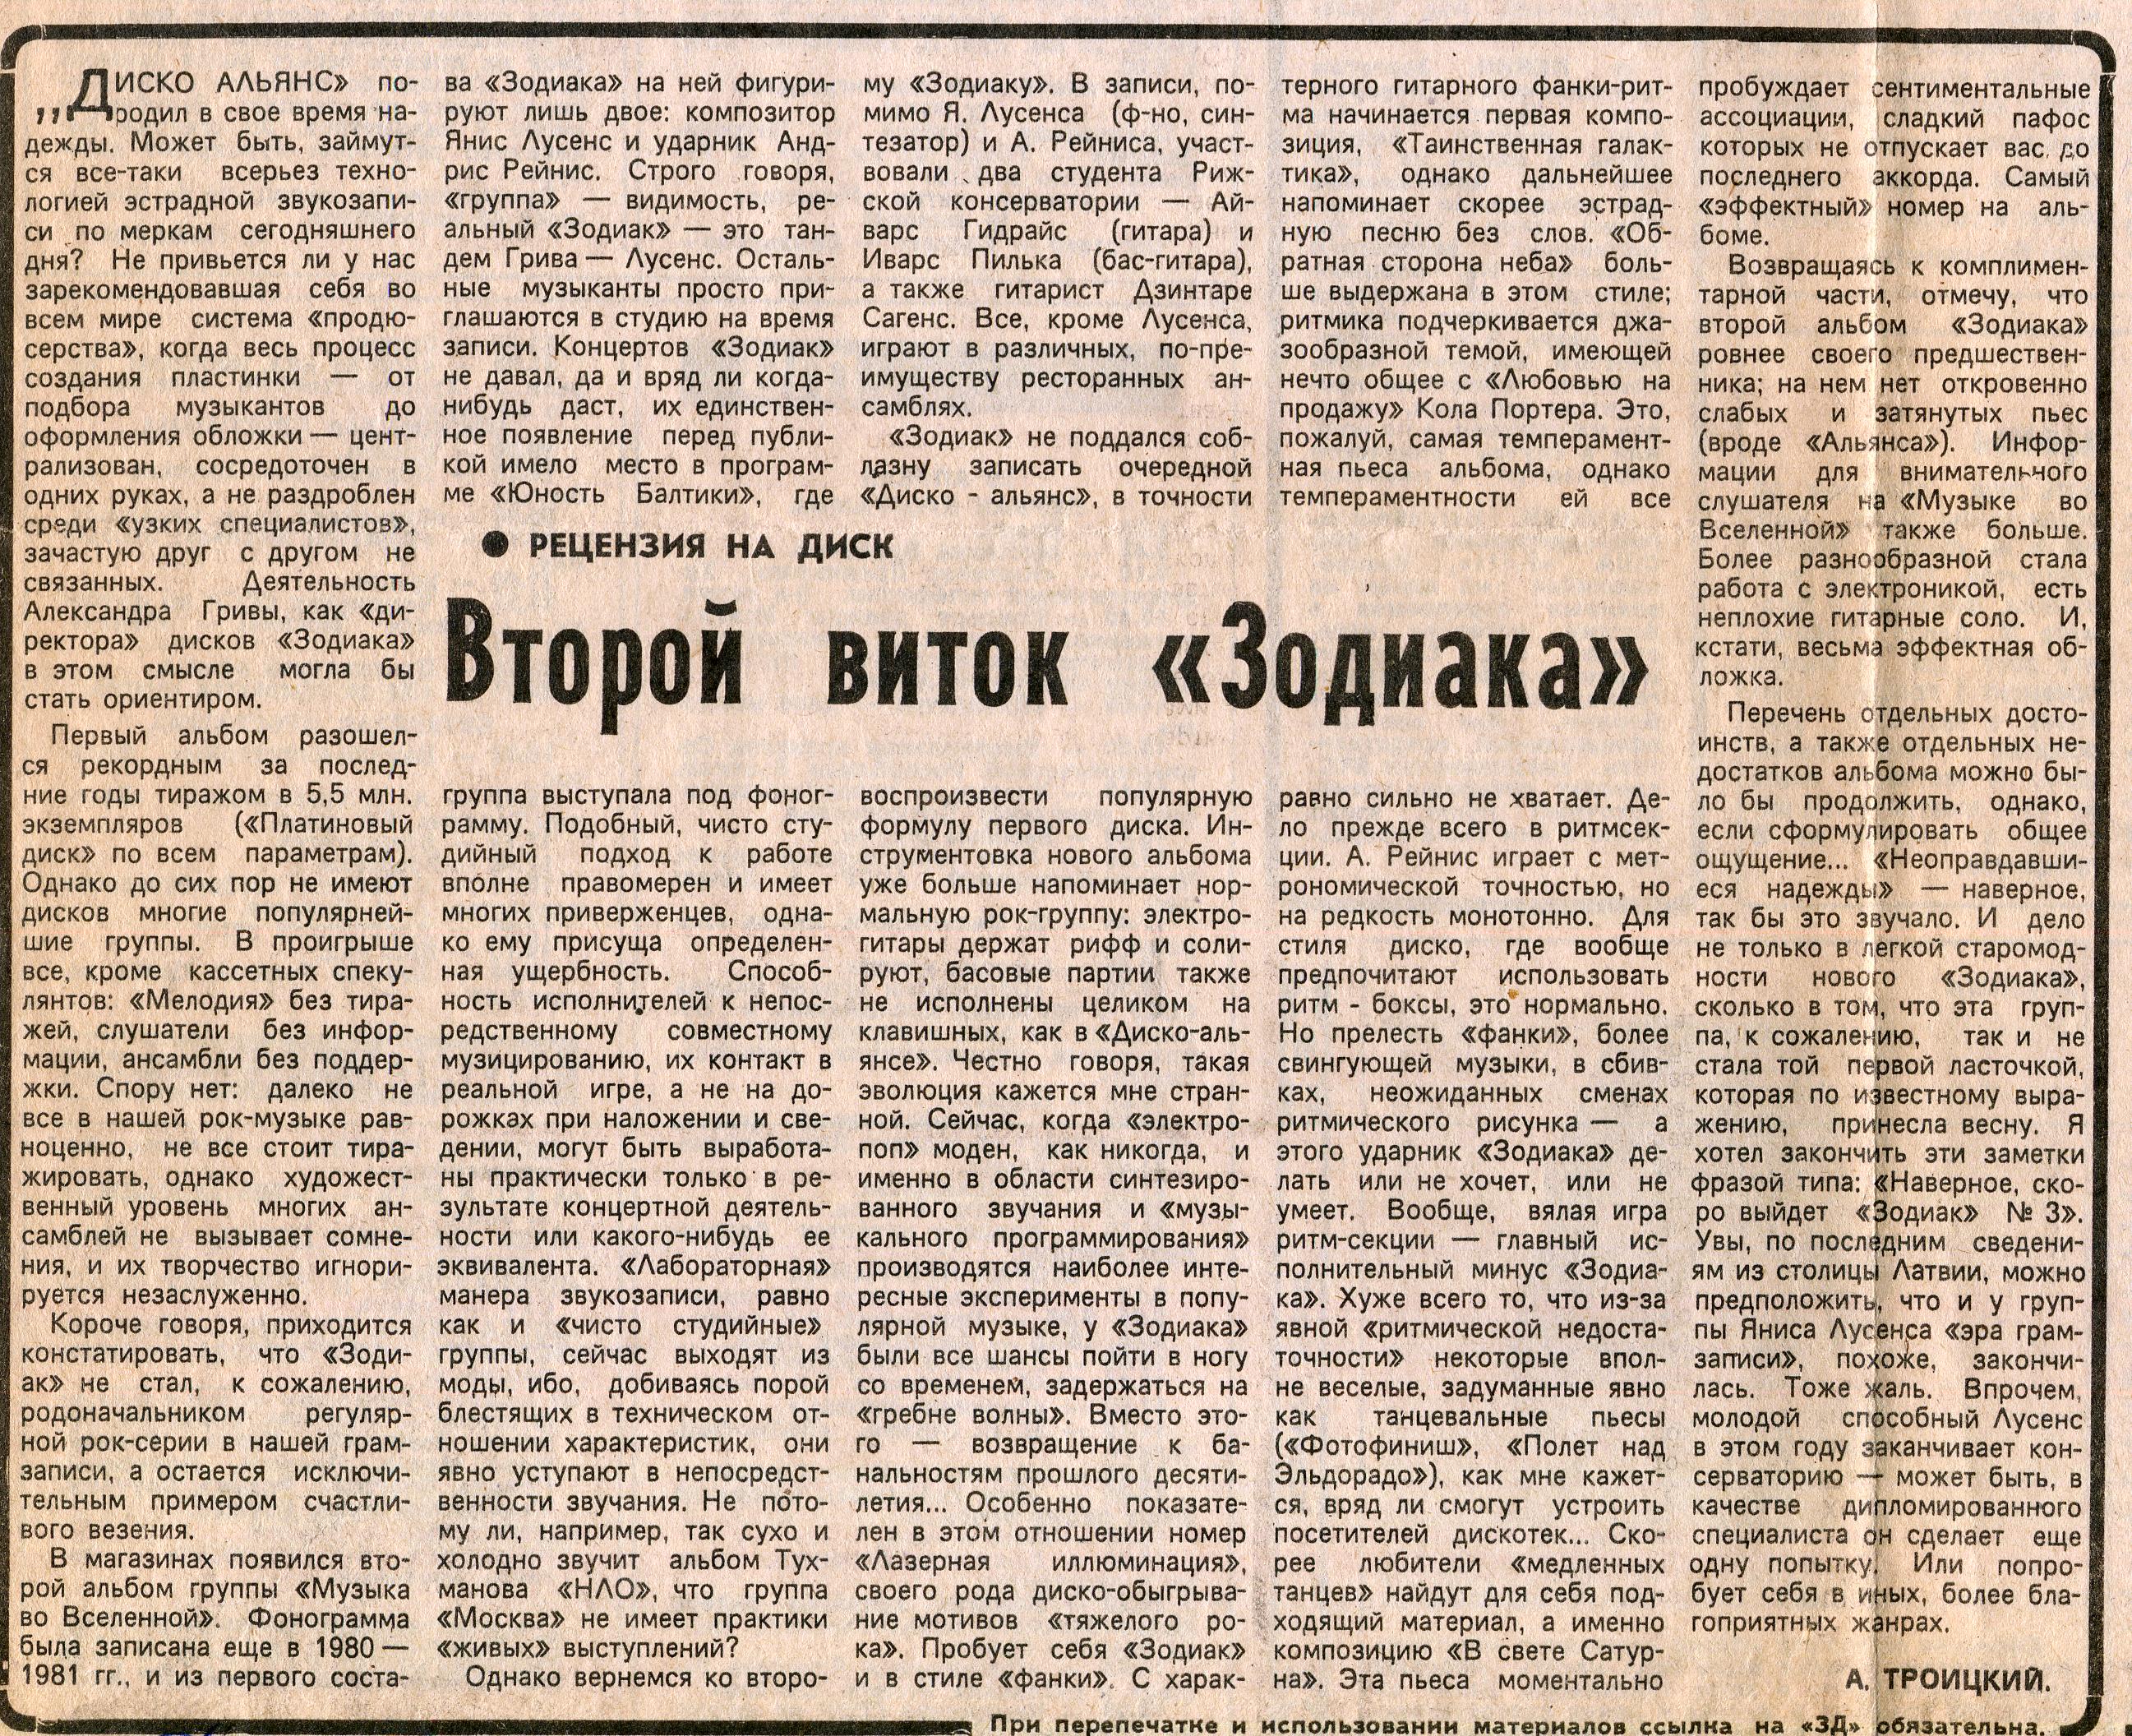 Zodiac_1983-04-29.jpg